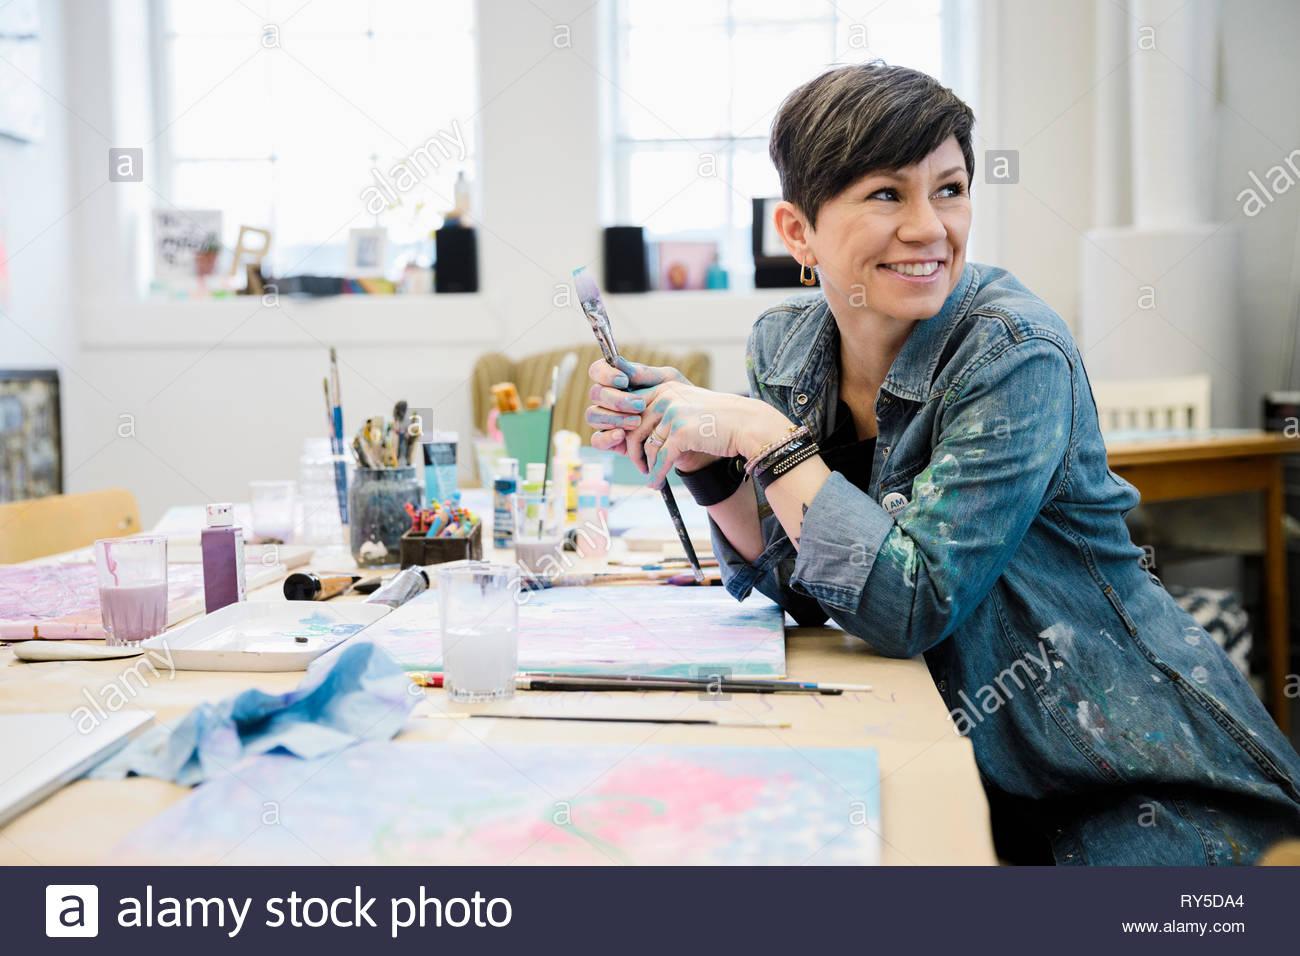 Lächelnd weibliche Künstler Malerei im Studio Stockbild